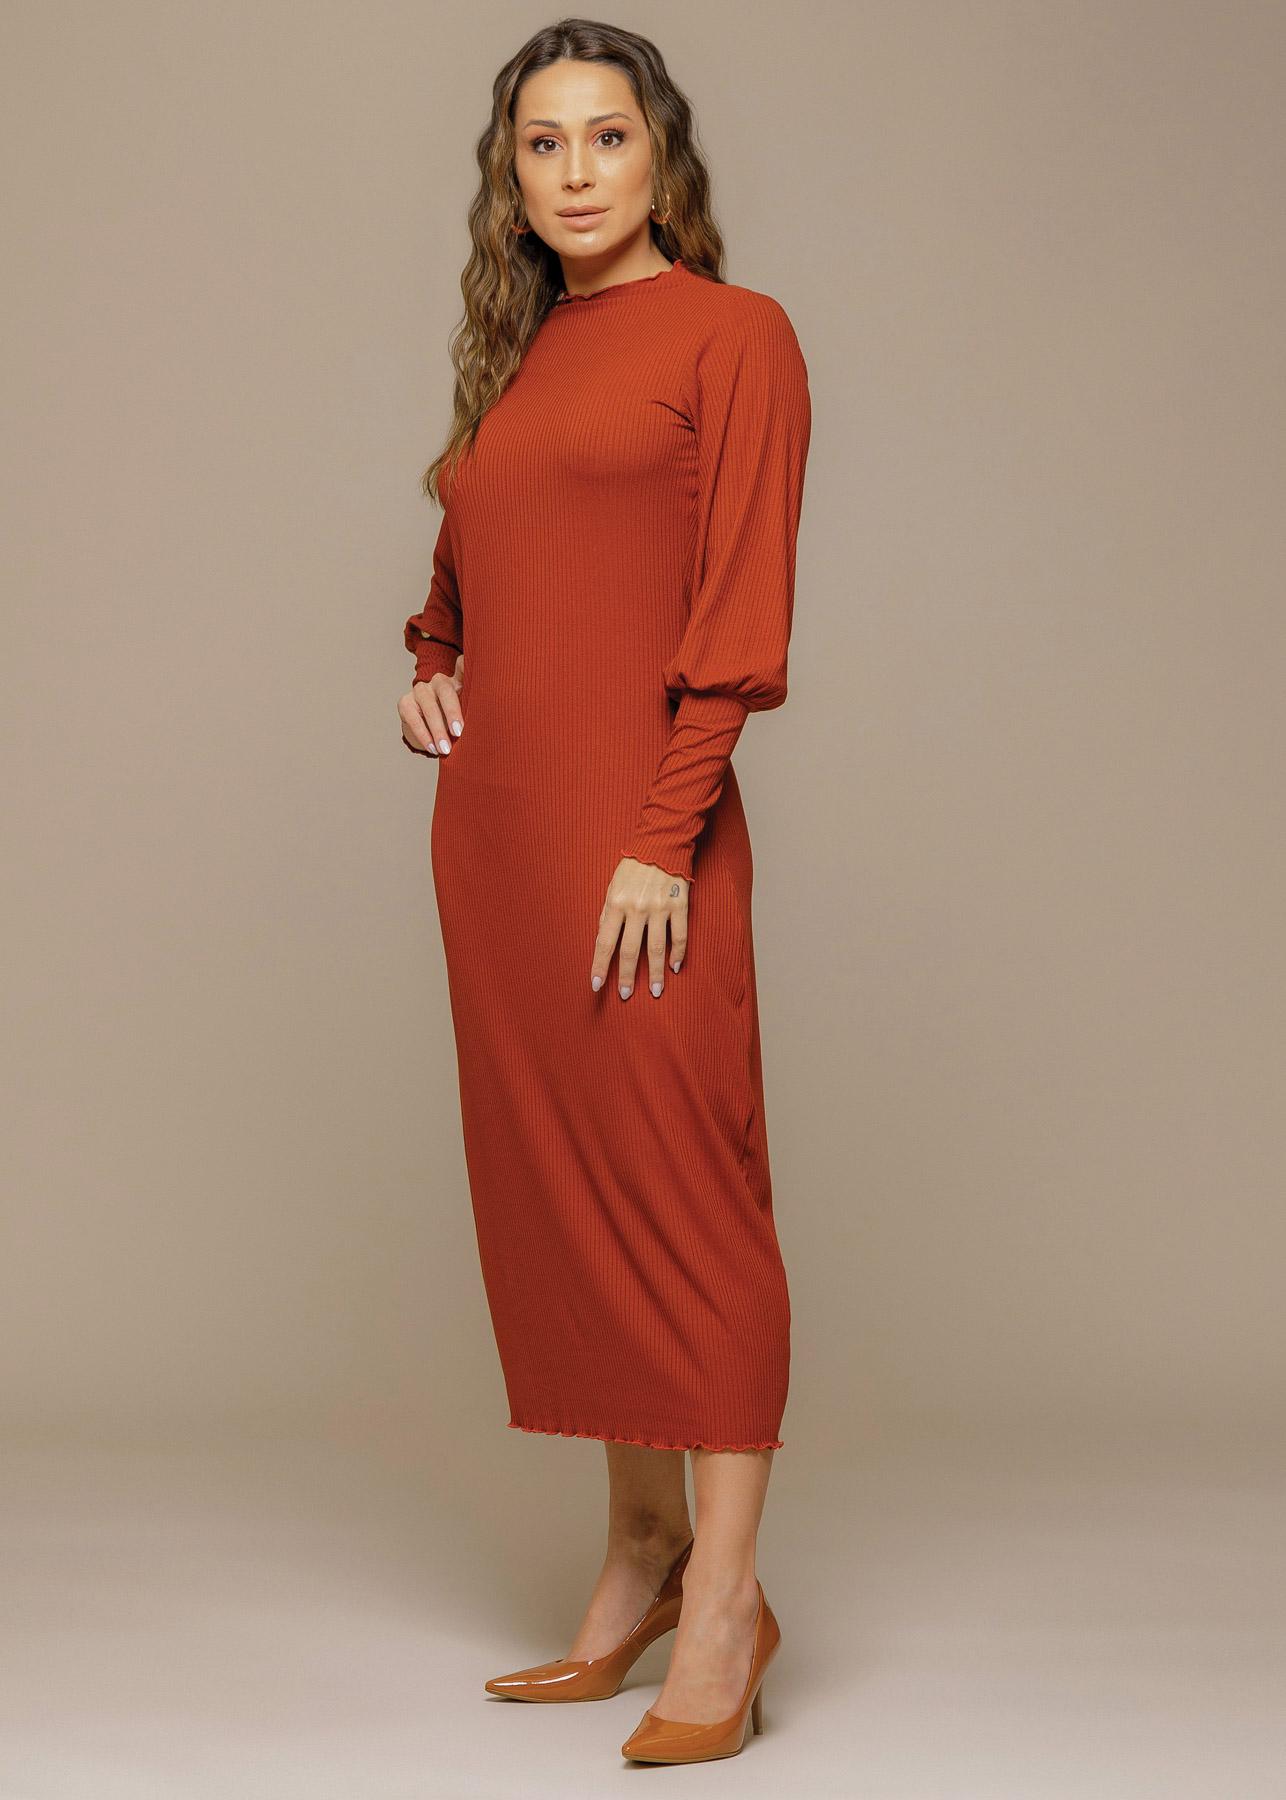 Vestido Midi Sevilha